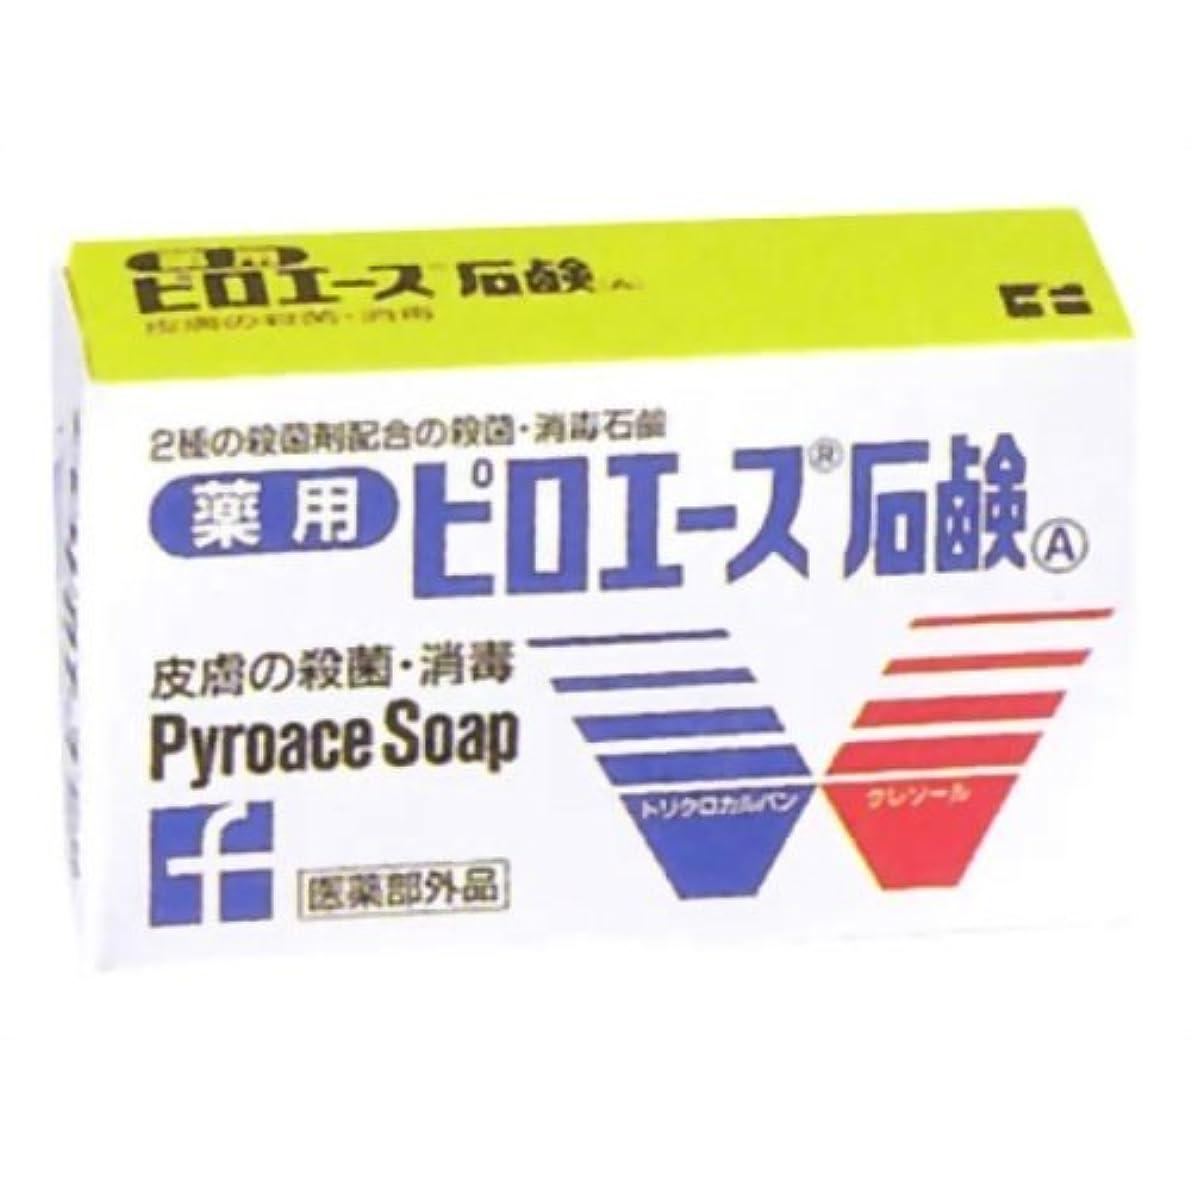 直径ベアリングサークル近々【第一三共ヘルスケア】ピロエース石鹸 70g